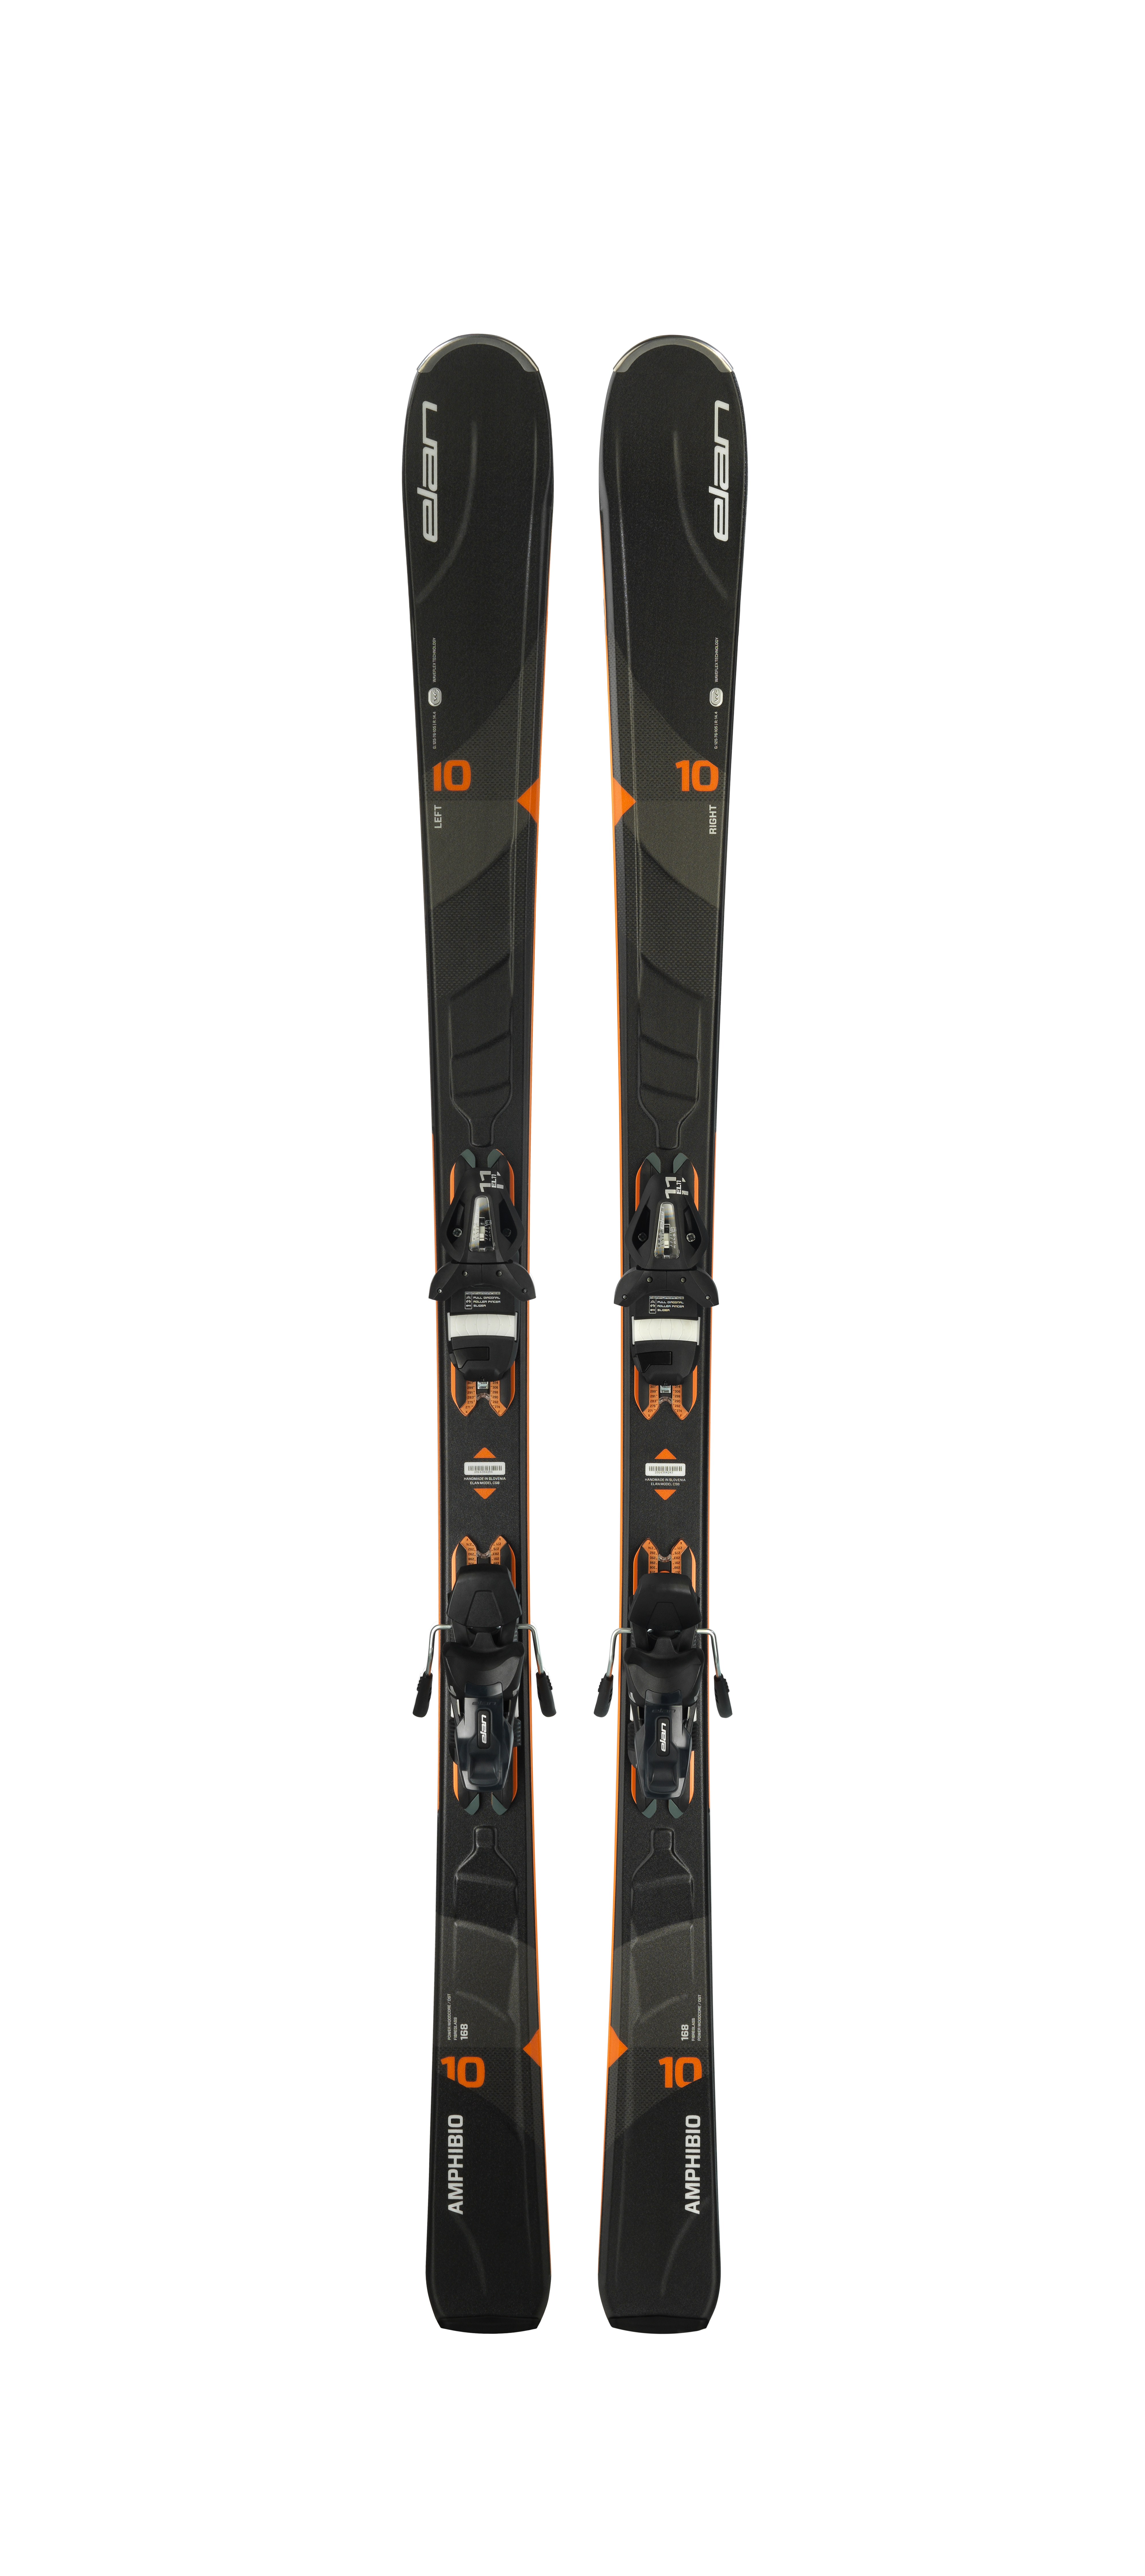 Горные лыжи с креплениями Elan 2017-18 Amphibio 10Ti EL 11 PS